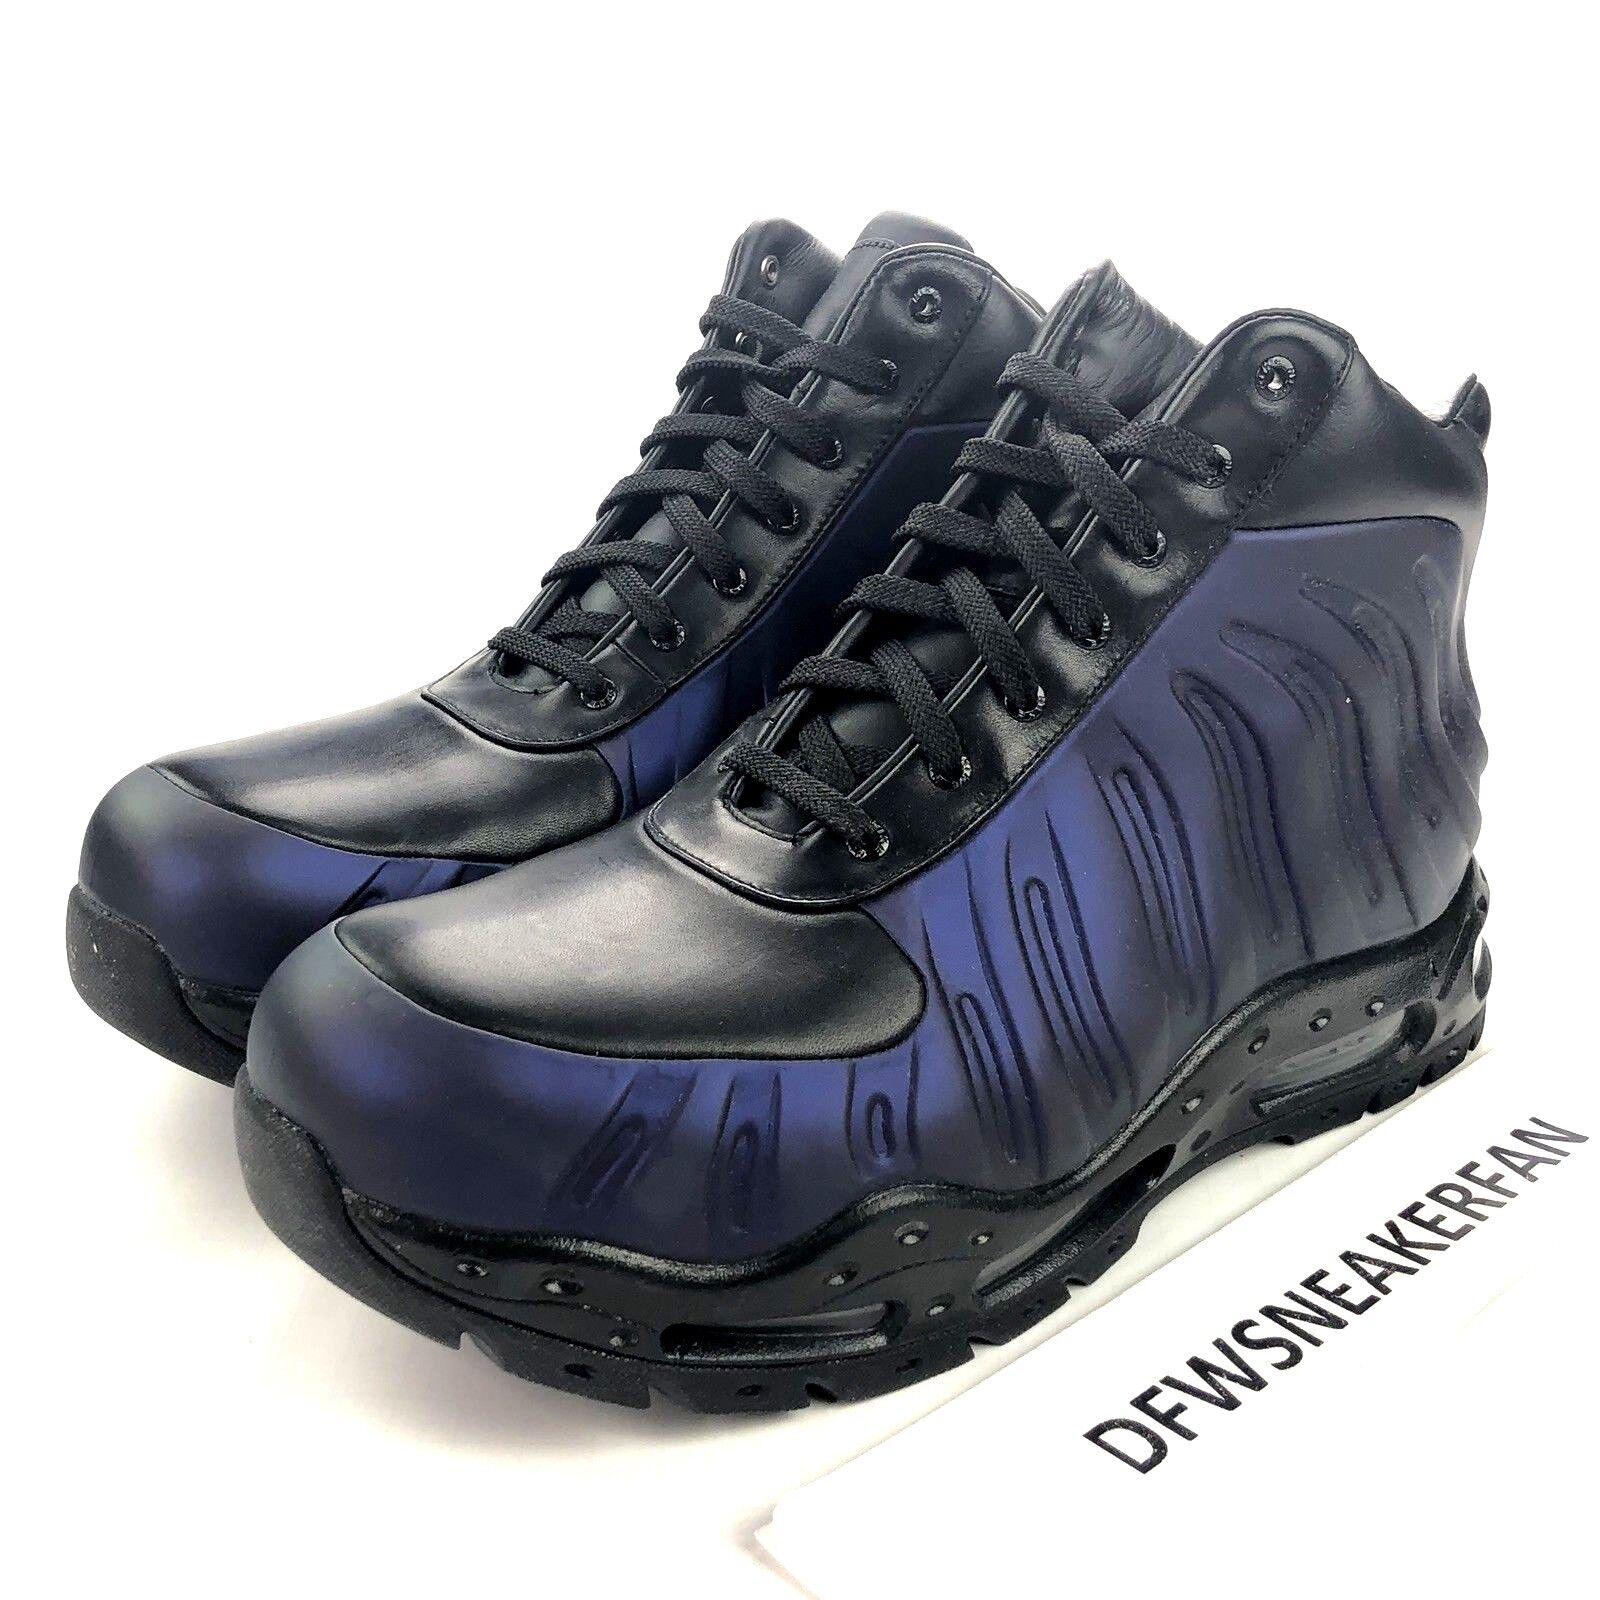 Nike air max foamdome foamdome foamdome uomo numero 8 nuovi foamposite melanzana stivali ds | Lascia che i nostri beni escano nel mondo  | Scolaro/Signora Scarpa  256c09